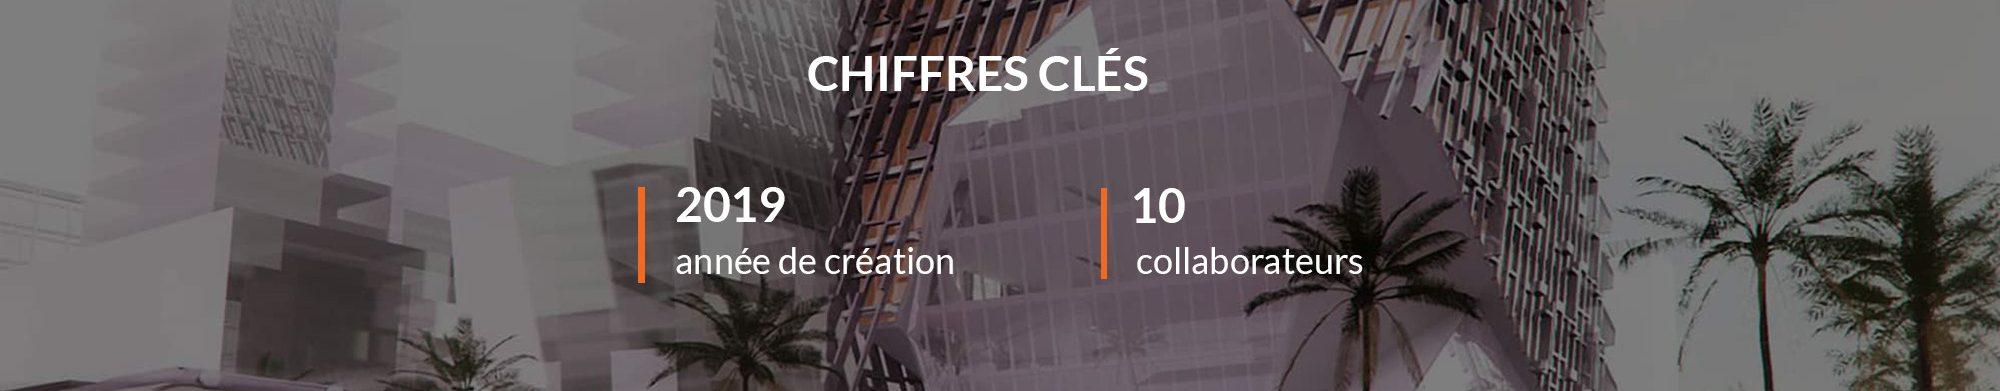 Chiffres-clés-Lendys-Africa-2